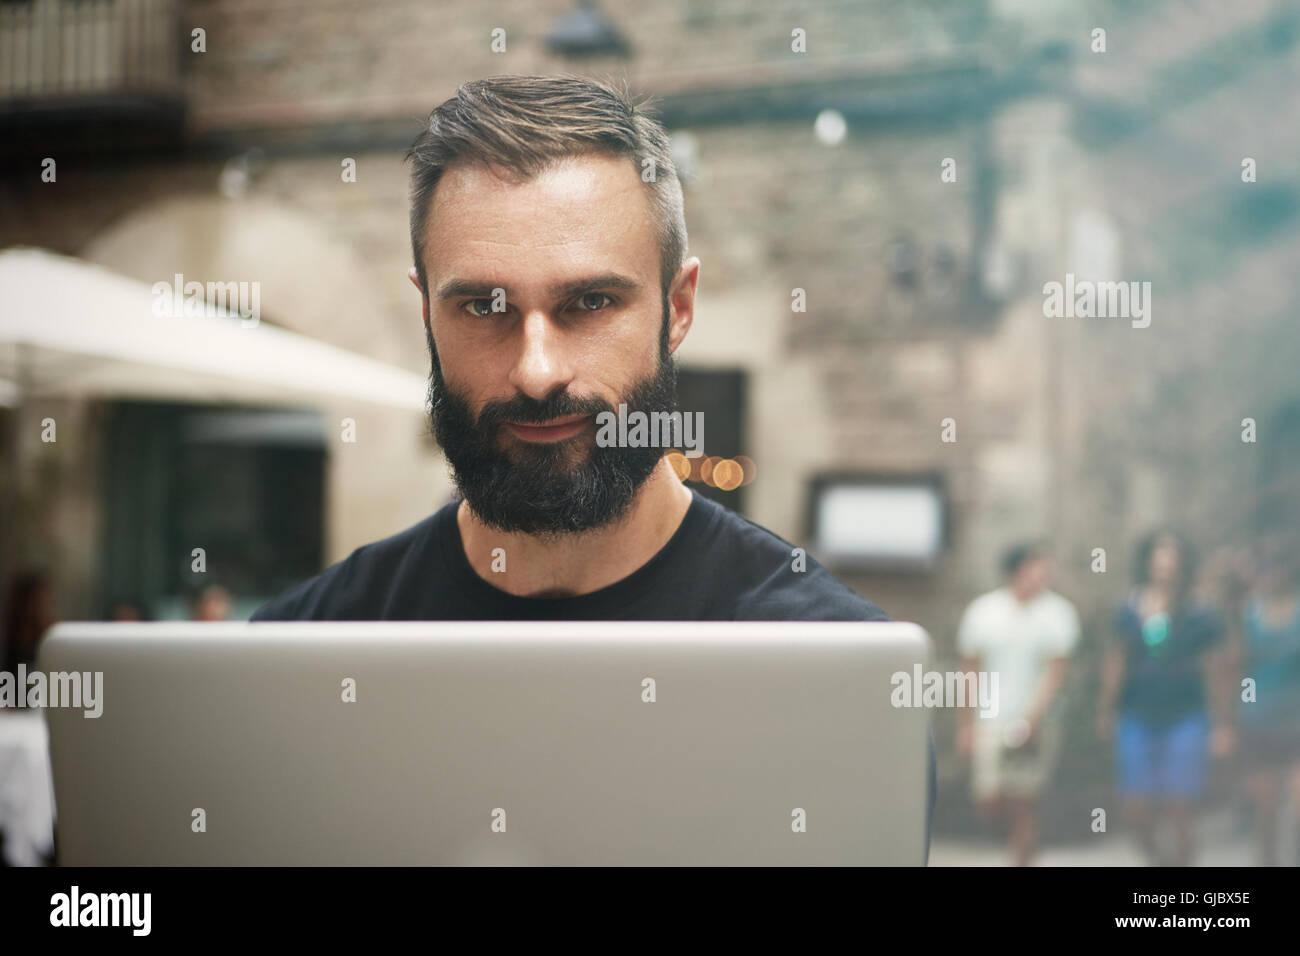 Closeup retrato guapo empresario barbudo vistiendo negro Tshirt Trabajo Urbano portátil Cafe.Joven Manager portátil de trabajo exterior.Coworking proceso Business Startup.fondo difuminado. Foto de stock